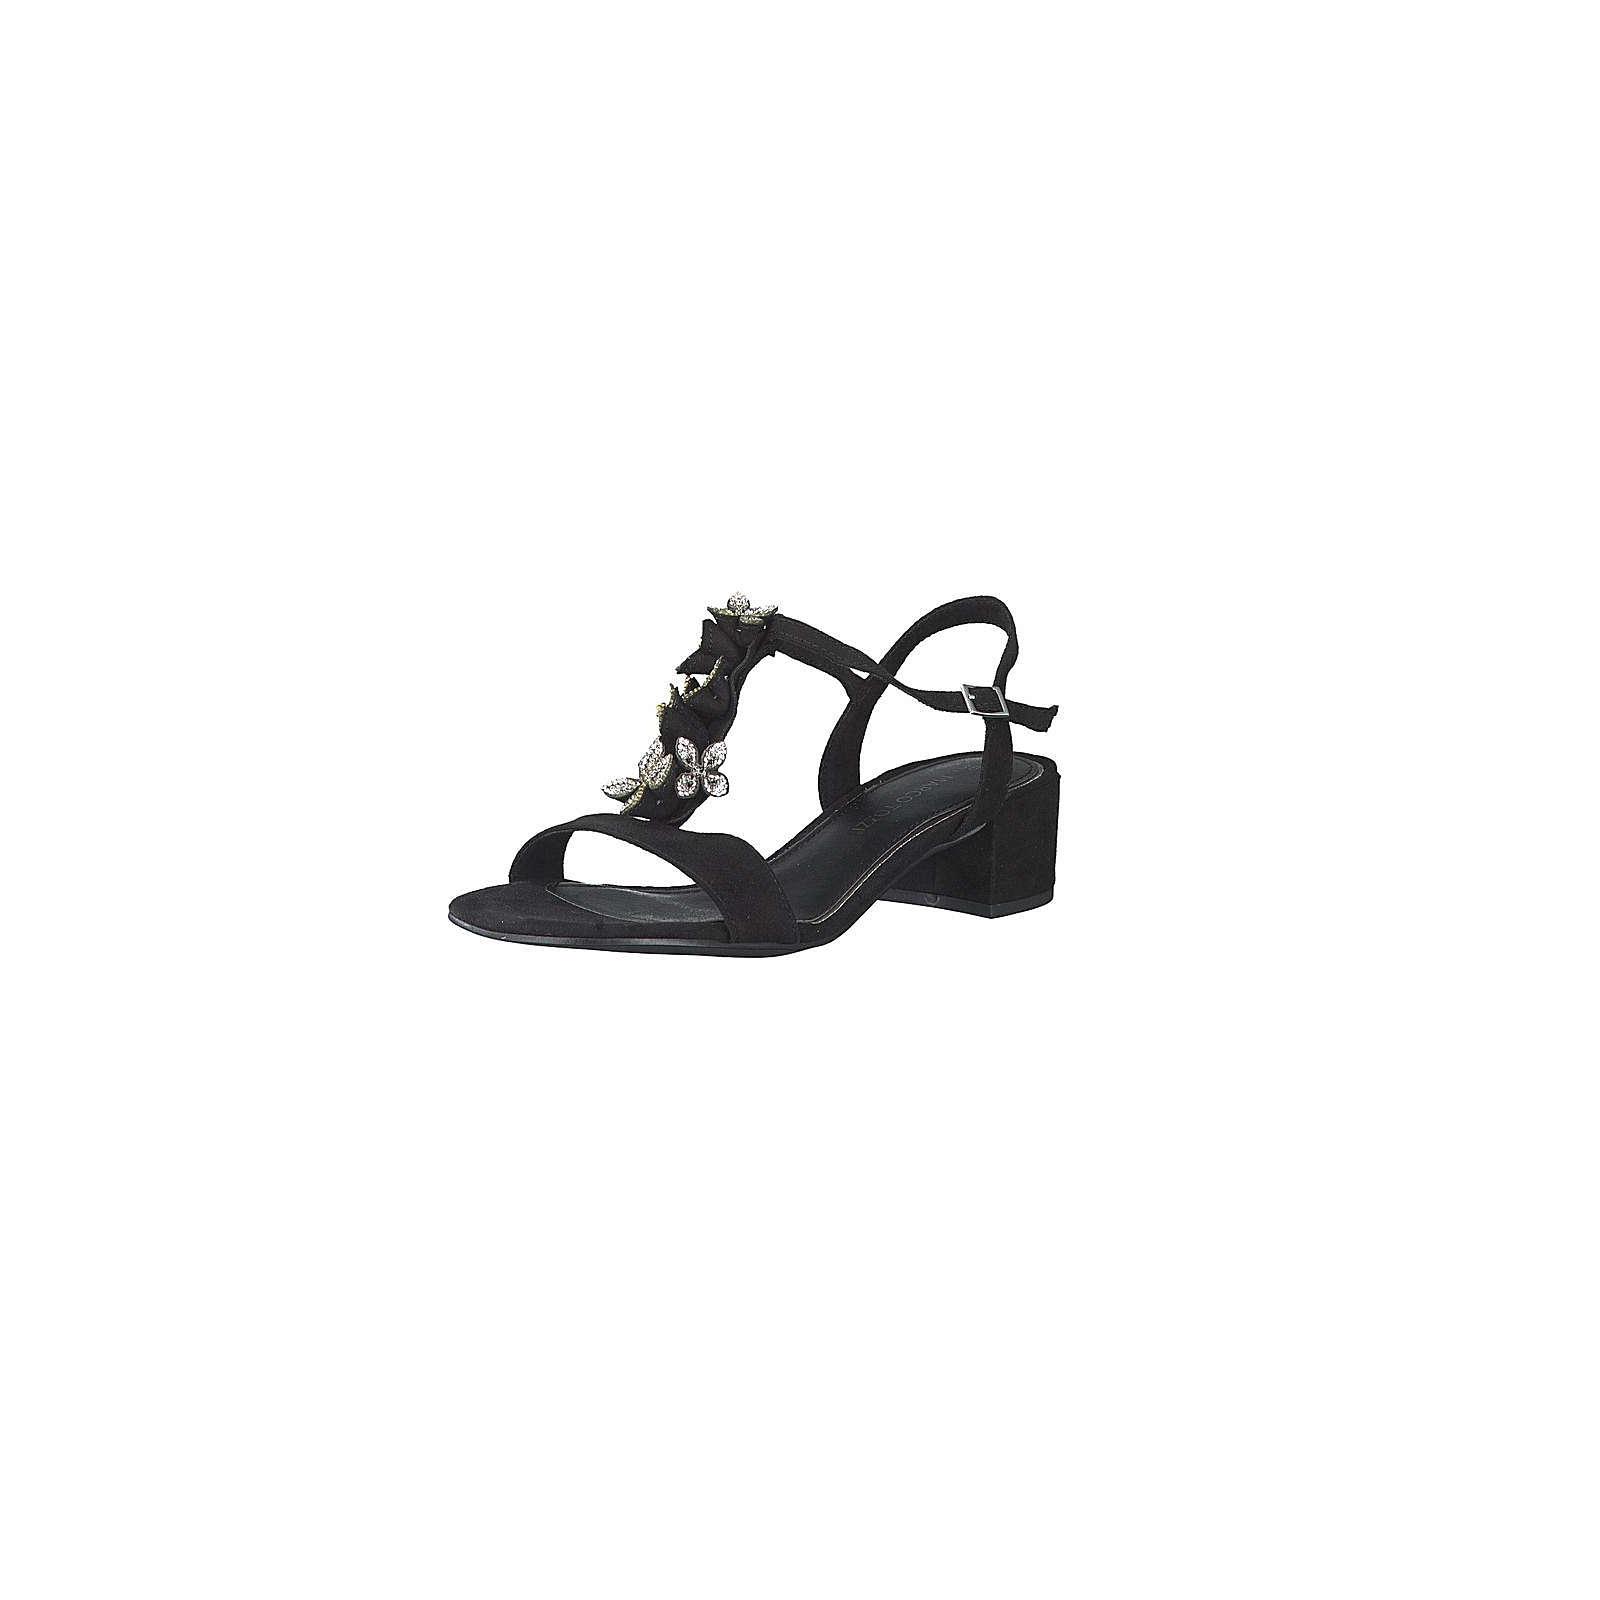 MARCO TOZZI T-Steg-Sandaletten schwarz Damen Gr. 36